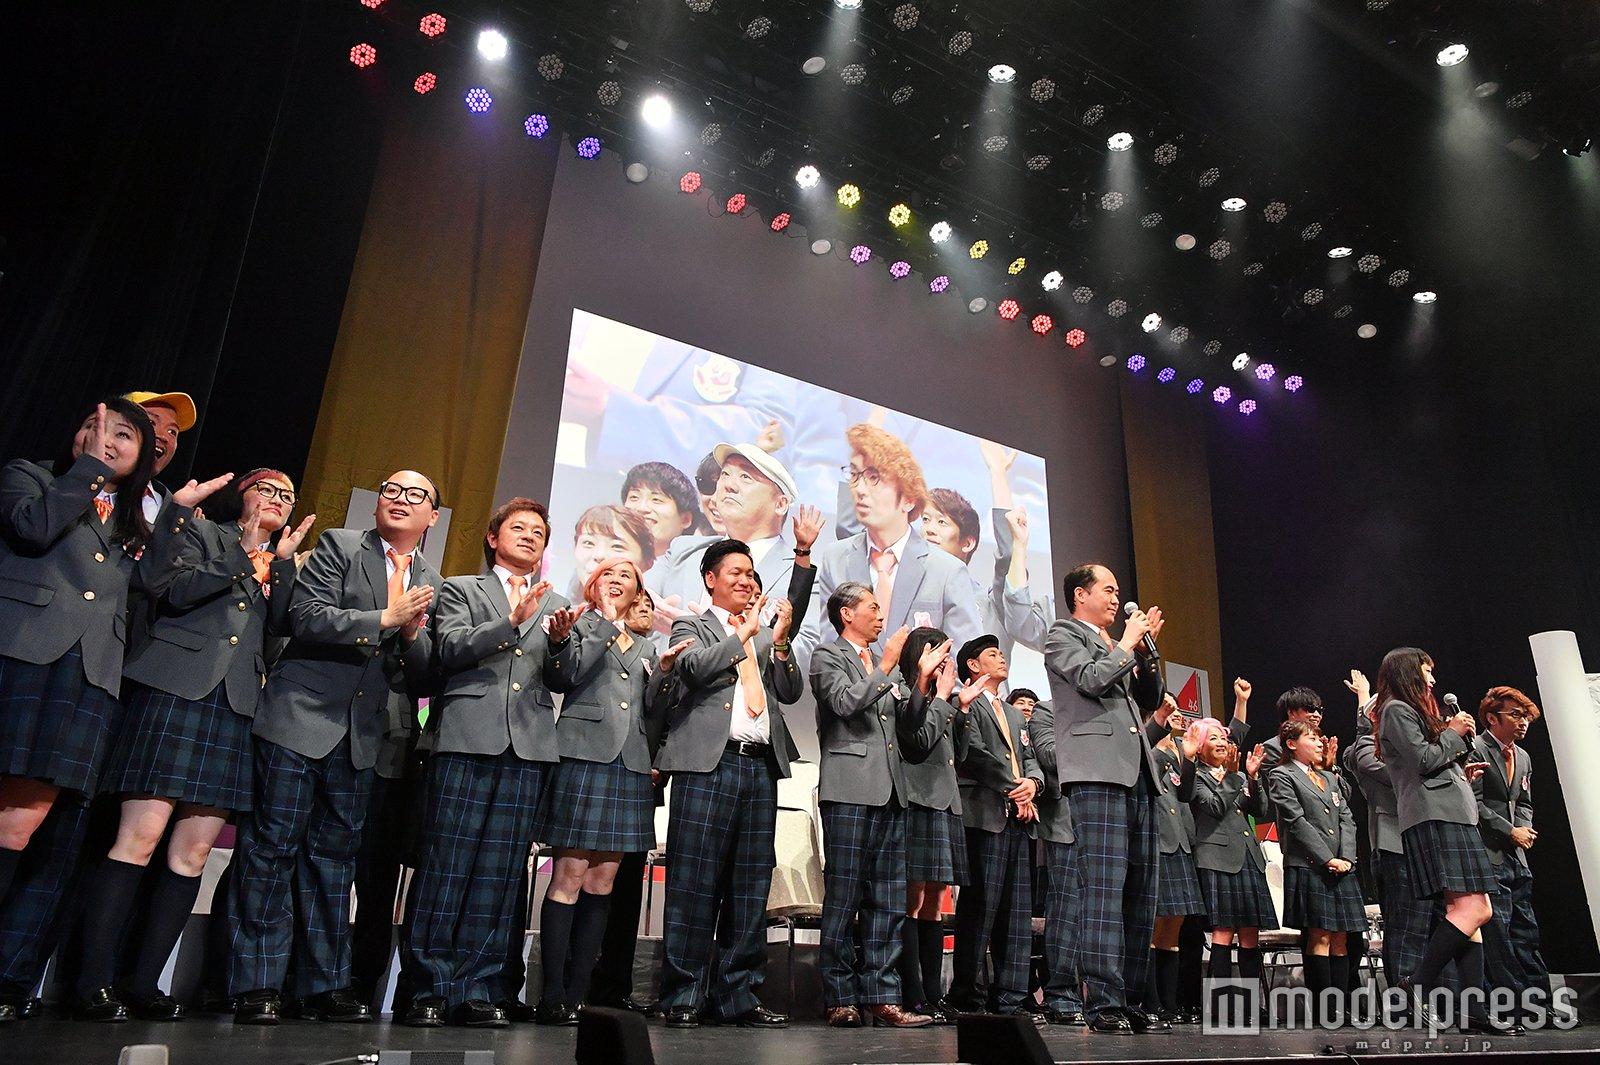 吉本坂46、メンバー46名決定